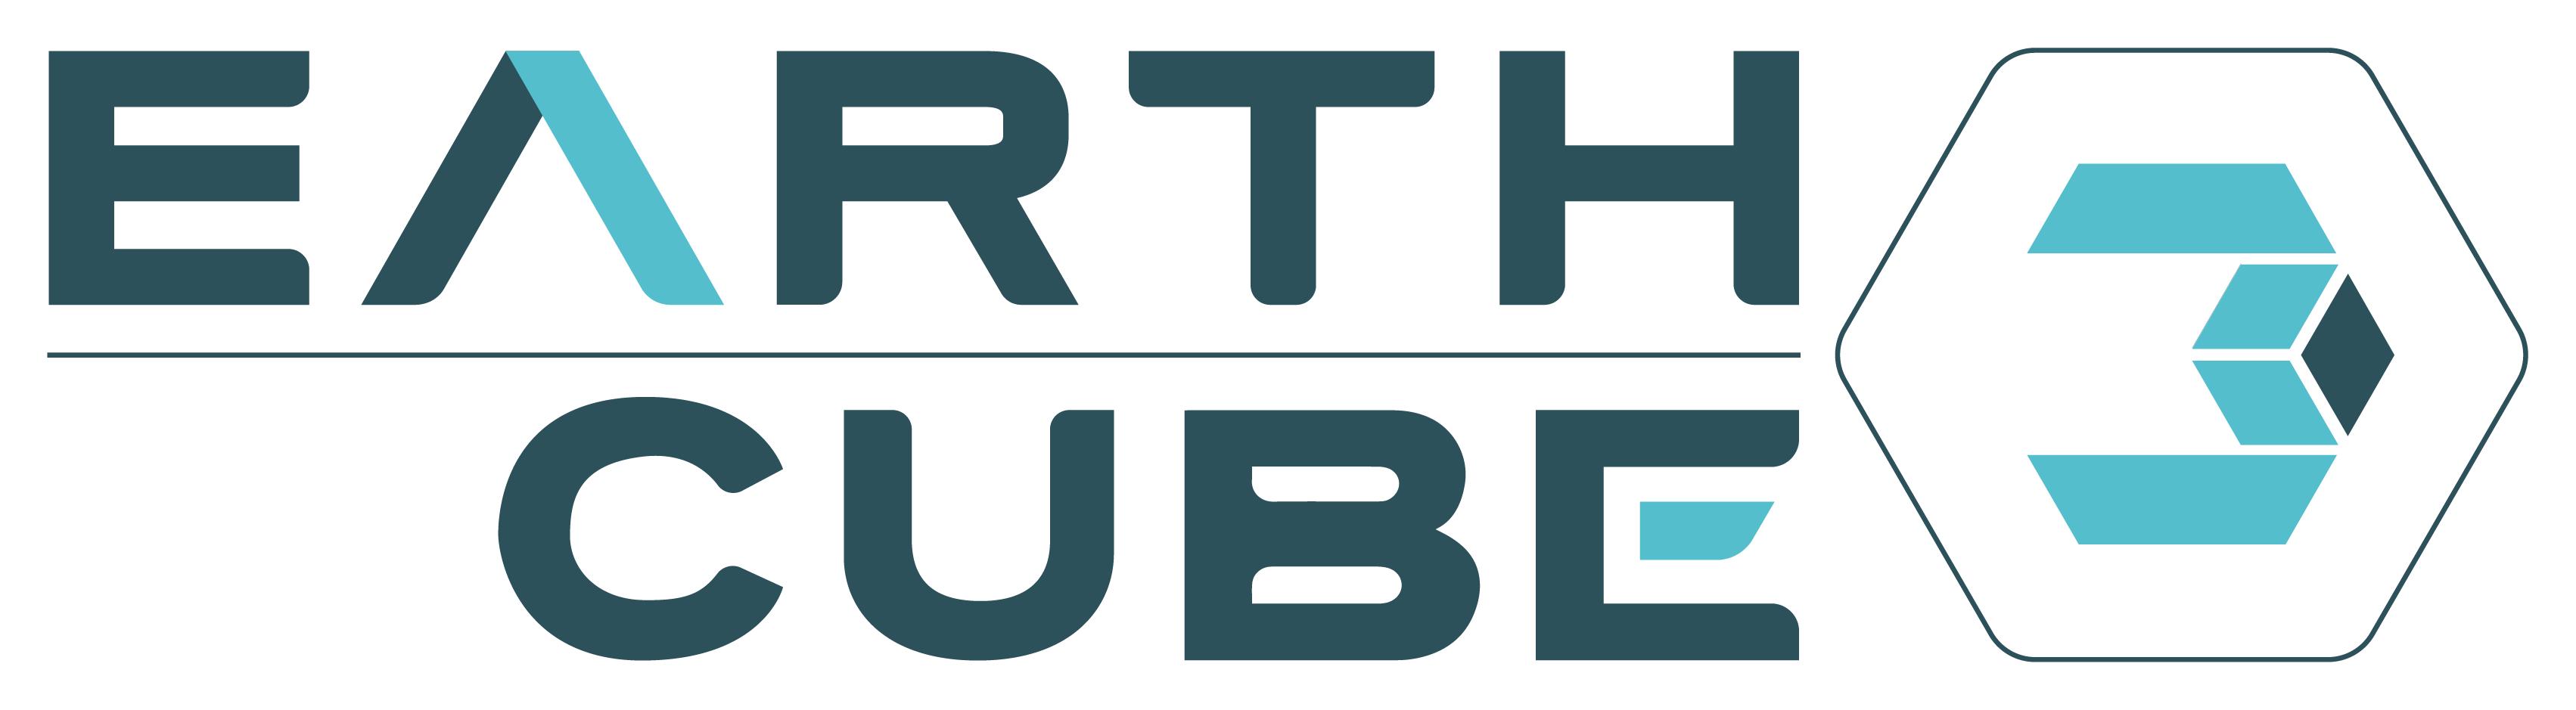 Earthcube logo